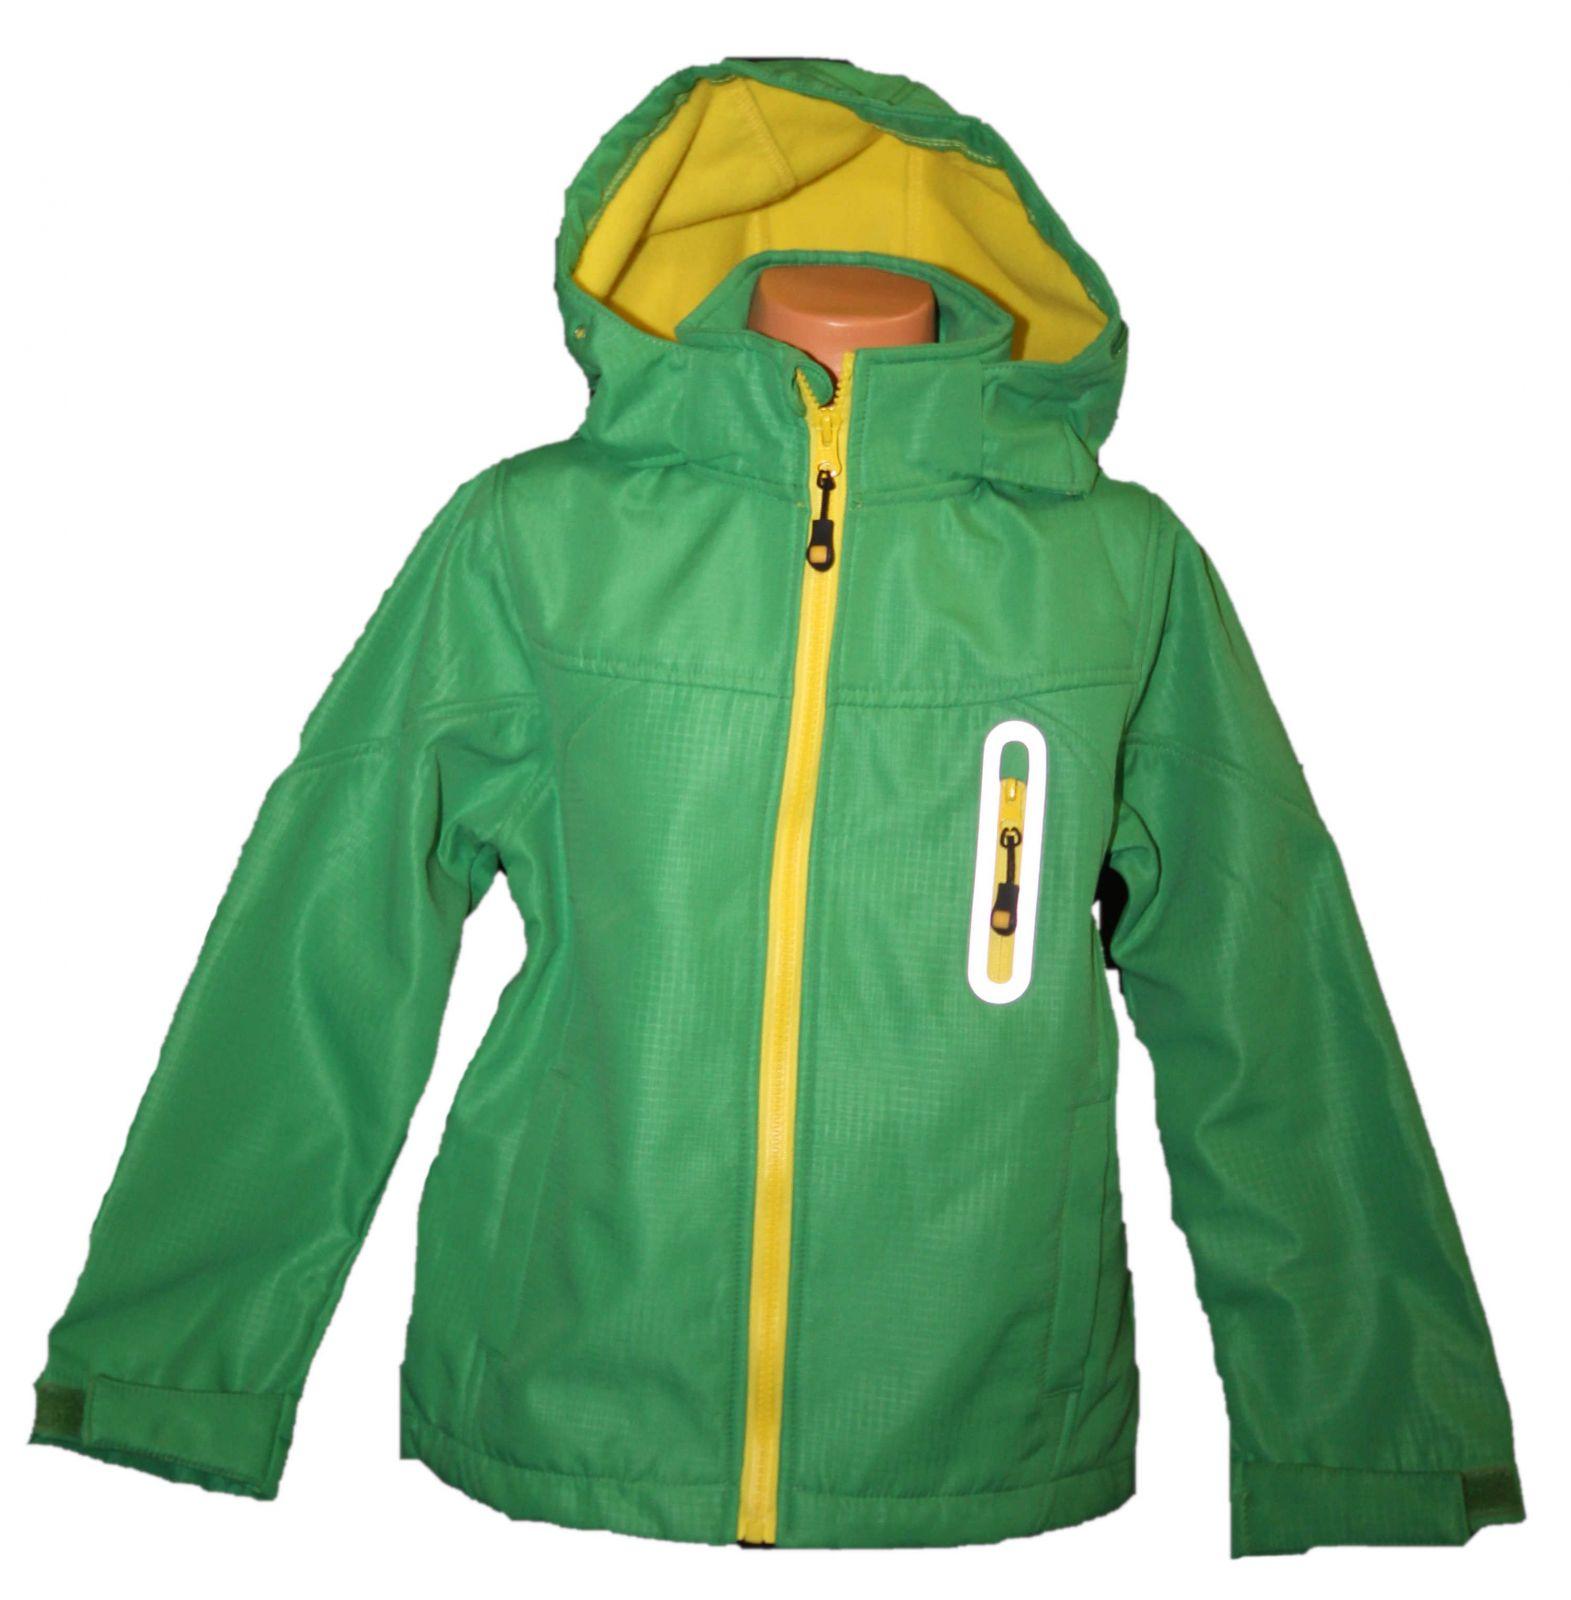 Dětská jarní softshellová bunda Grace, chlapecká softshellová bunda, dívčí softshellová bunda, jarní bundy, podzimní bunda